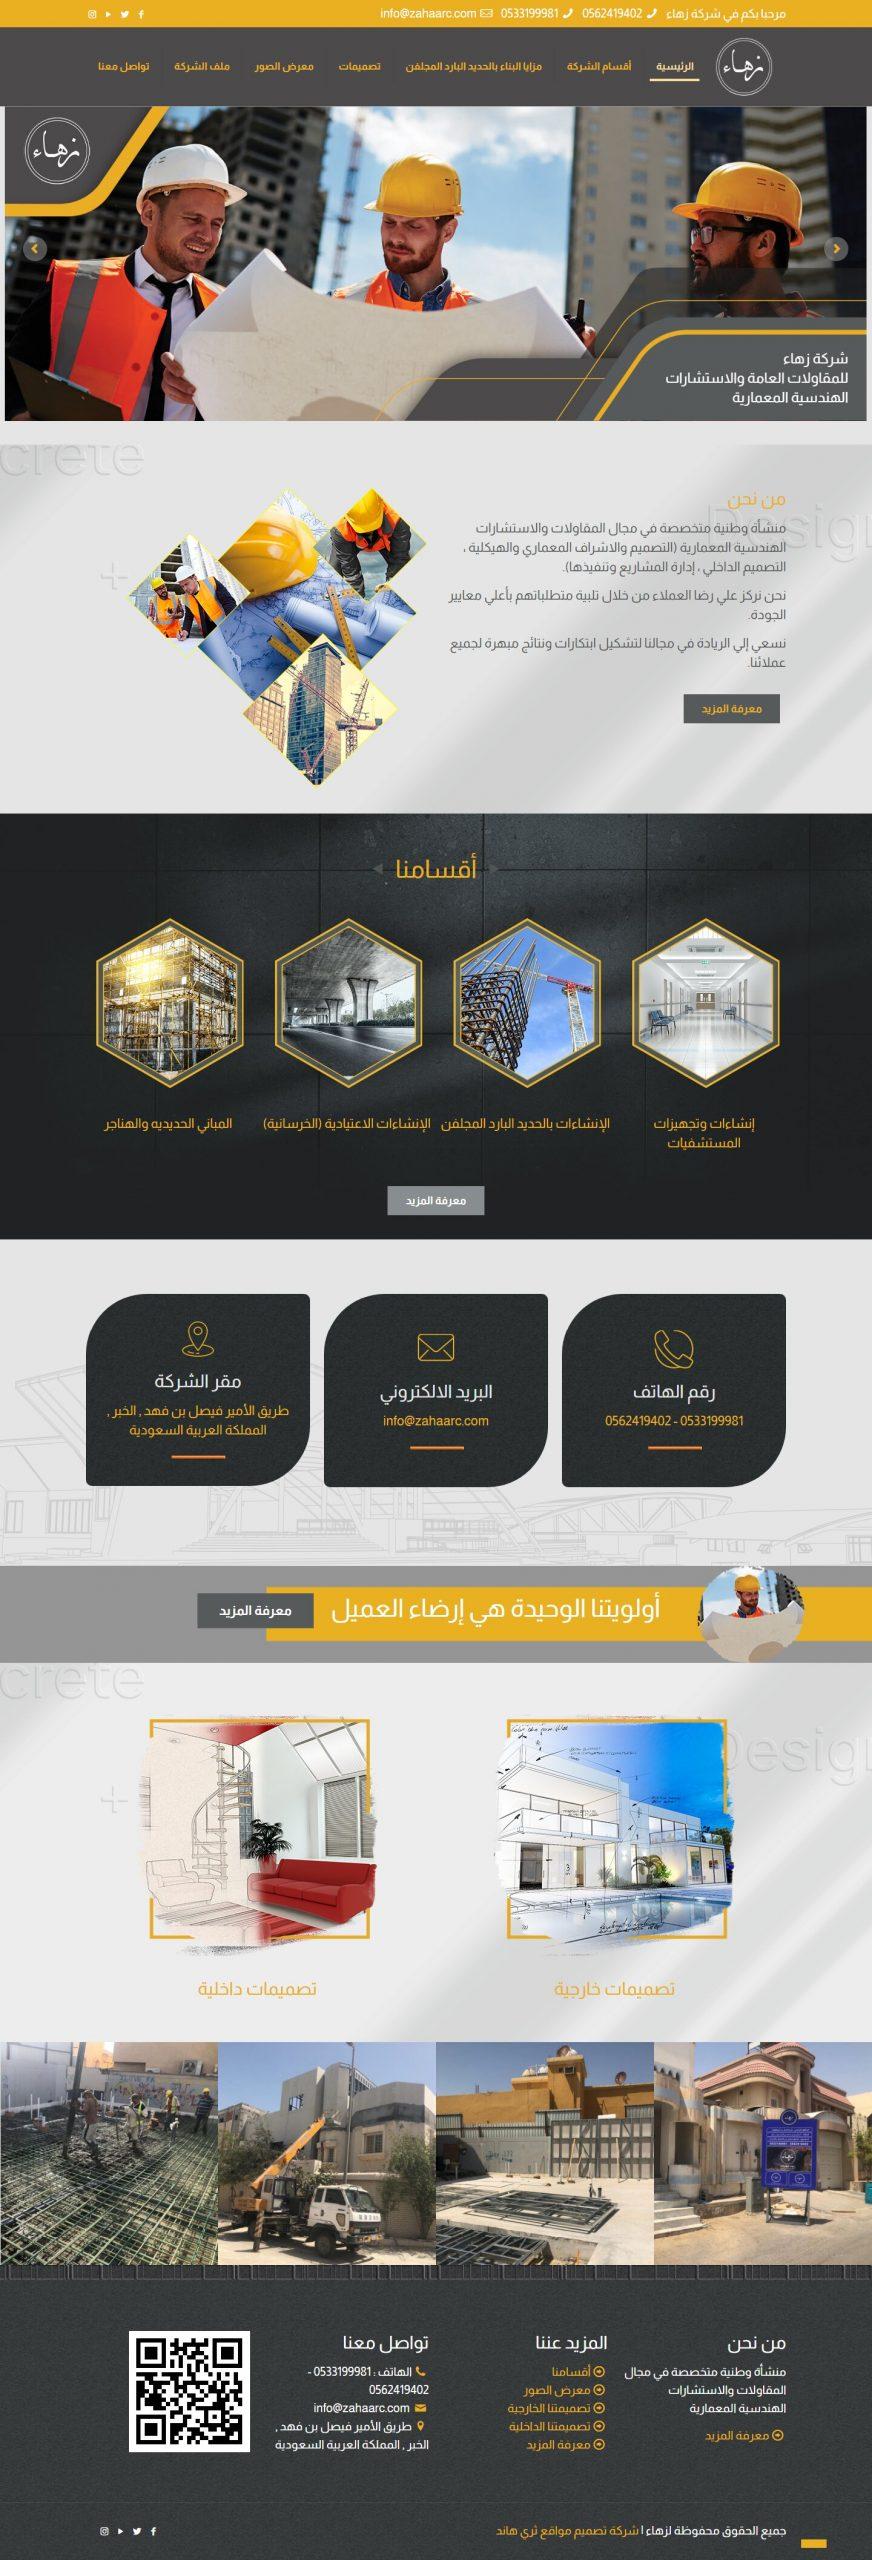 شركة زهاء للمقاولات العامة والاستشارات الهندسية المعمارية